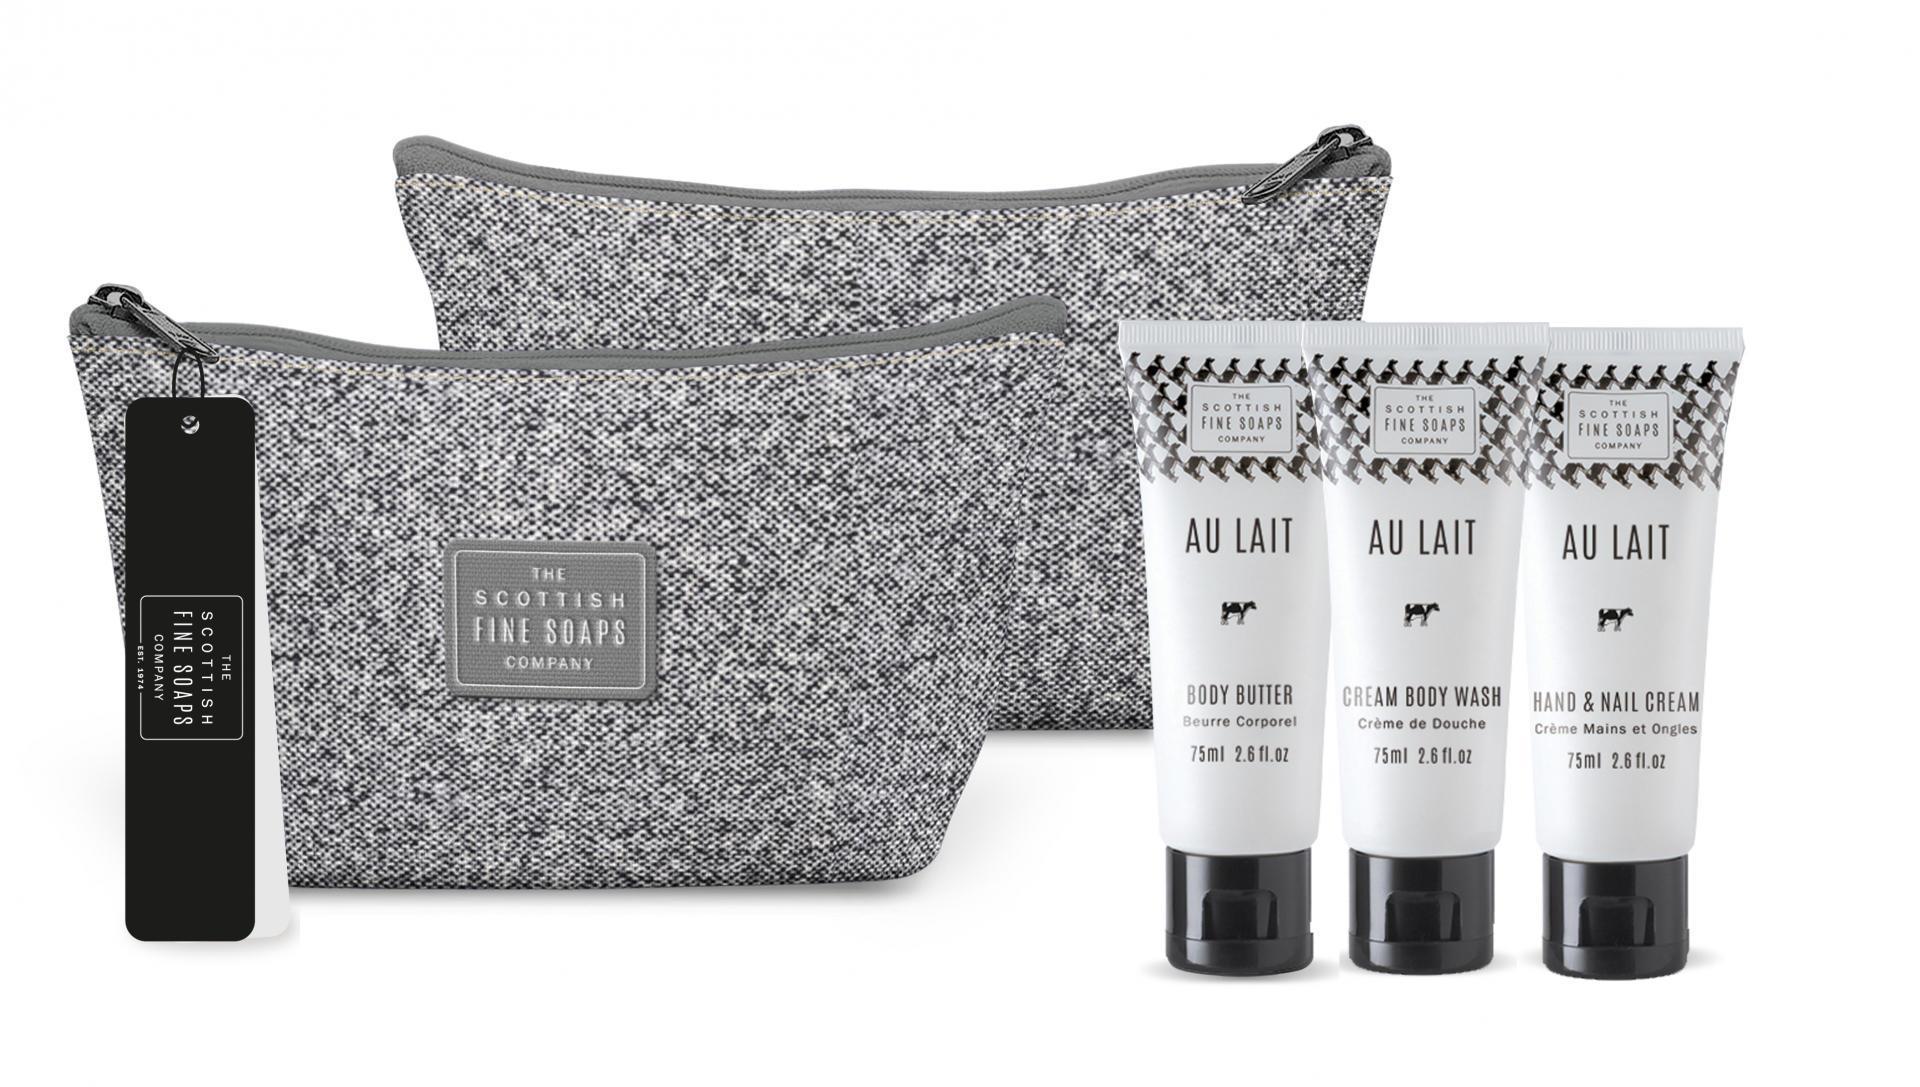 SCOTTISH FINE SOAPS Cestovní taštička s kosmetikou Au Lait, šedá barva, textil - Scottish Fine Soaps Sprchový gel 75 ml + tělové máslo 75 ml + krém na ruce a nehty 75 ml dárková sada